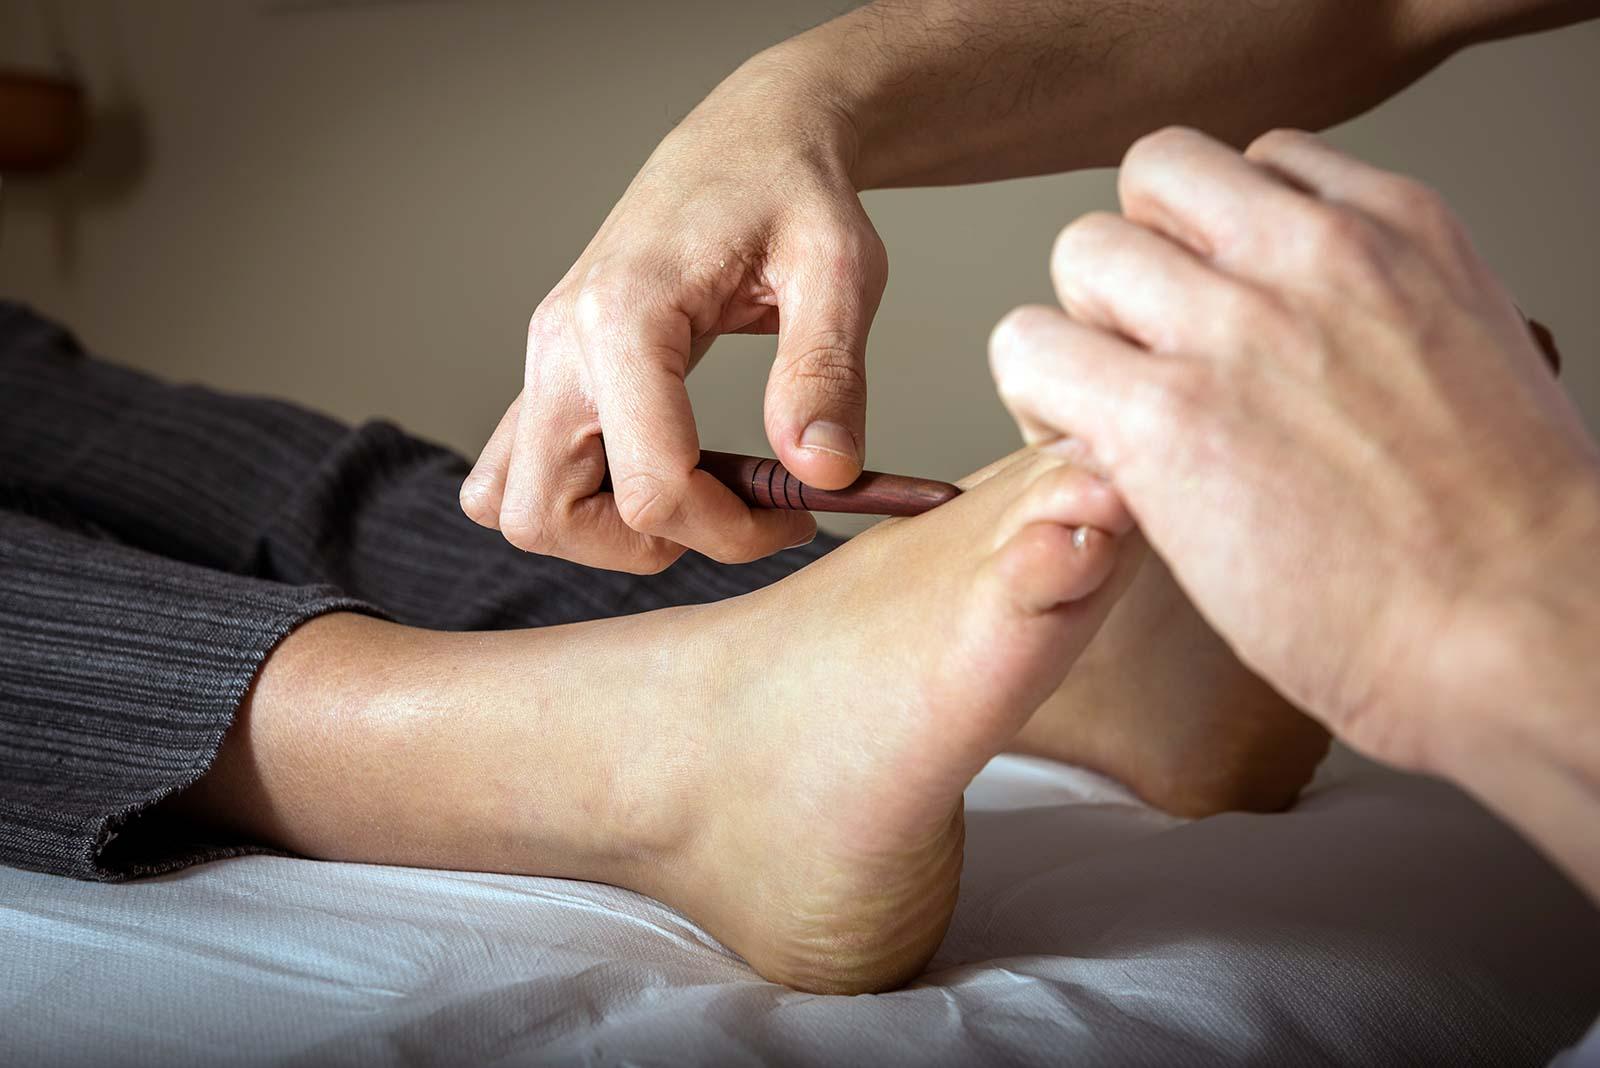 Thai Foot Massage - il Massaggio Thailandese del Piede